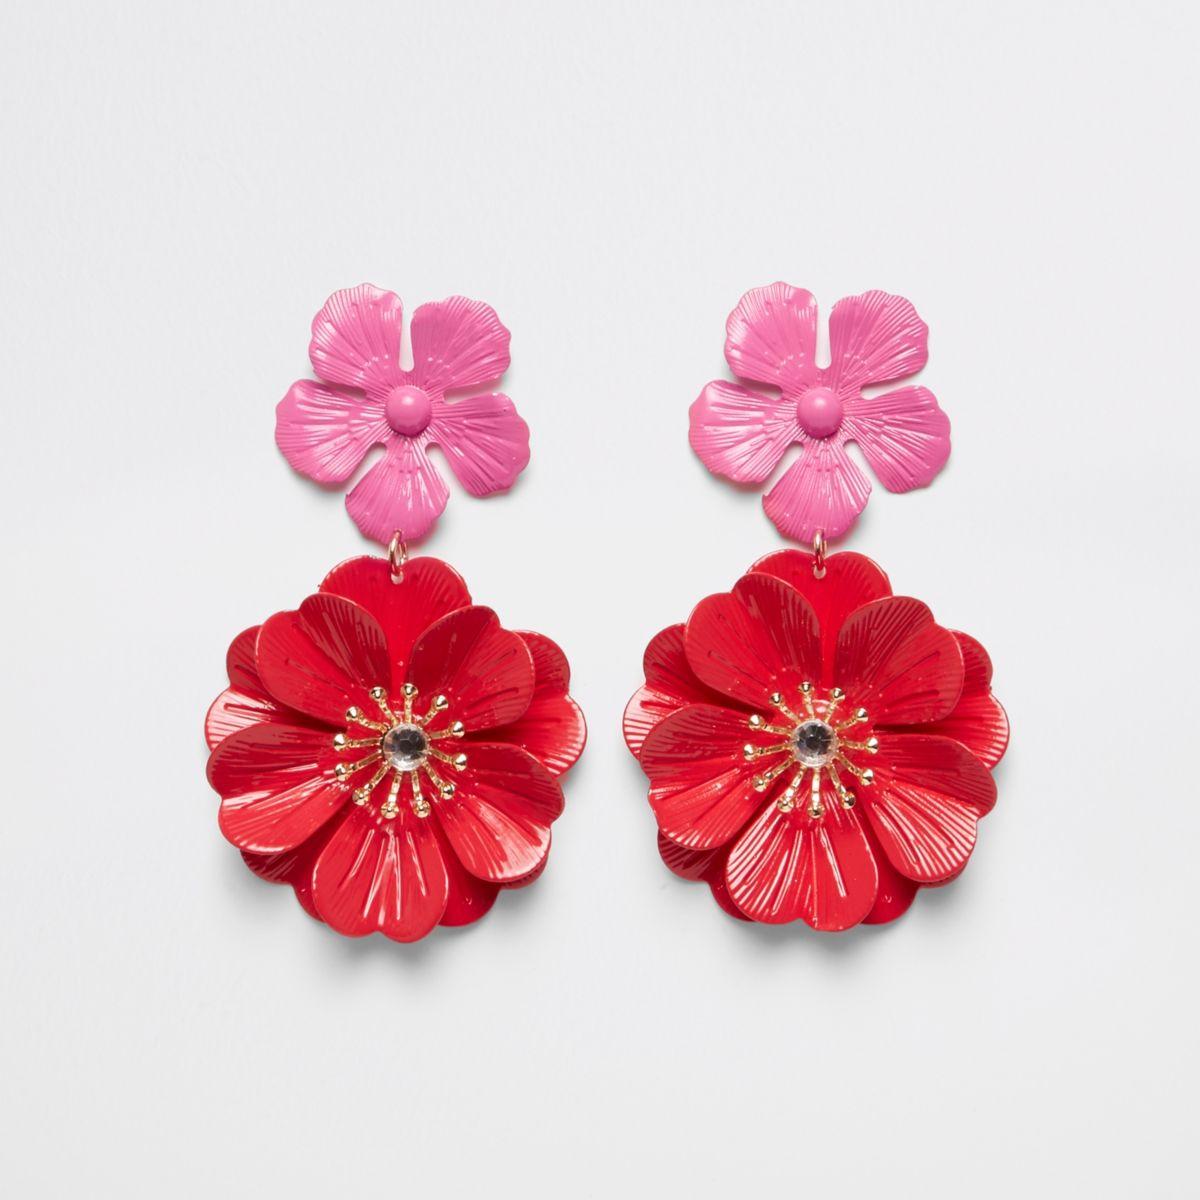 Red double flower stud drop earrings